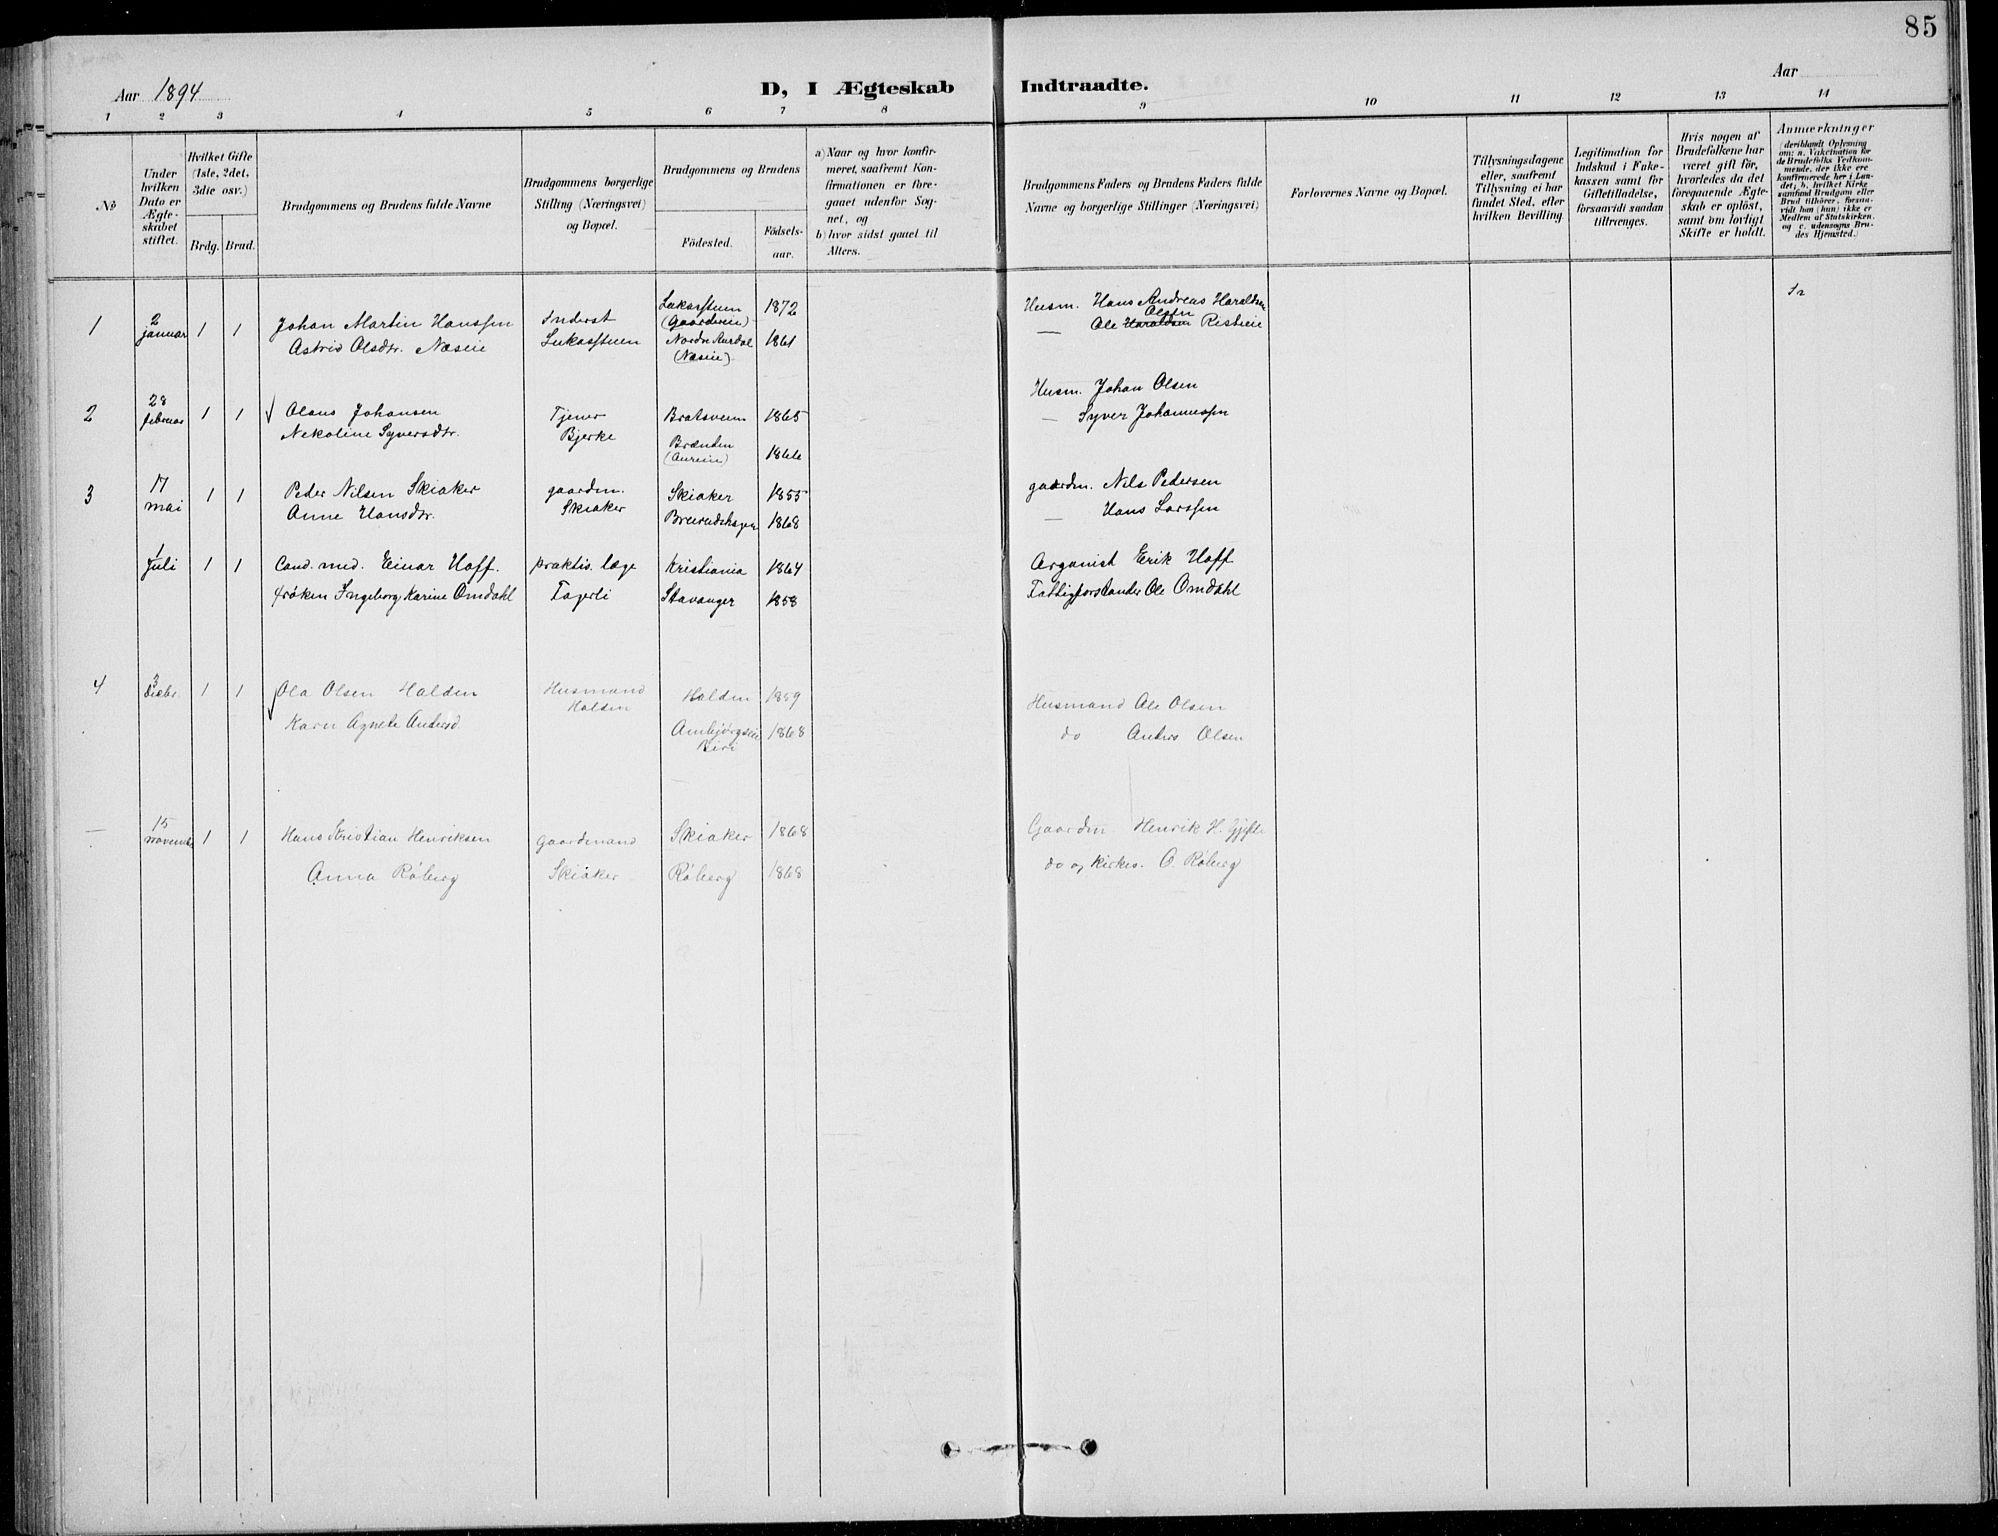 SAH, Nordre Land prestekontor, Klokkerbok nr. 14, 1891-1907, s. 85